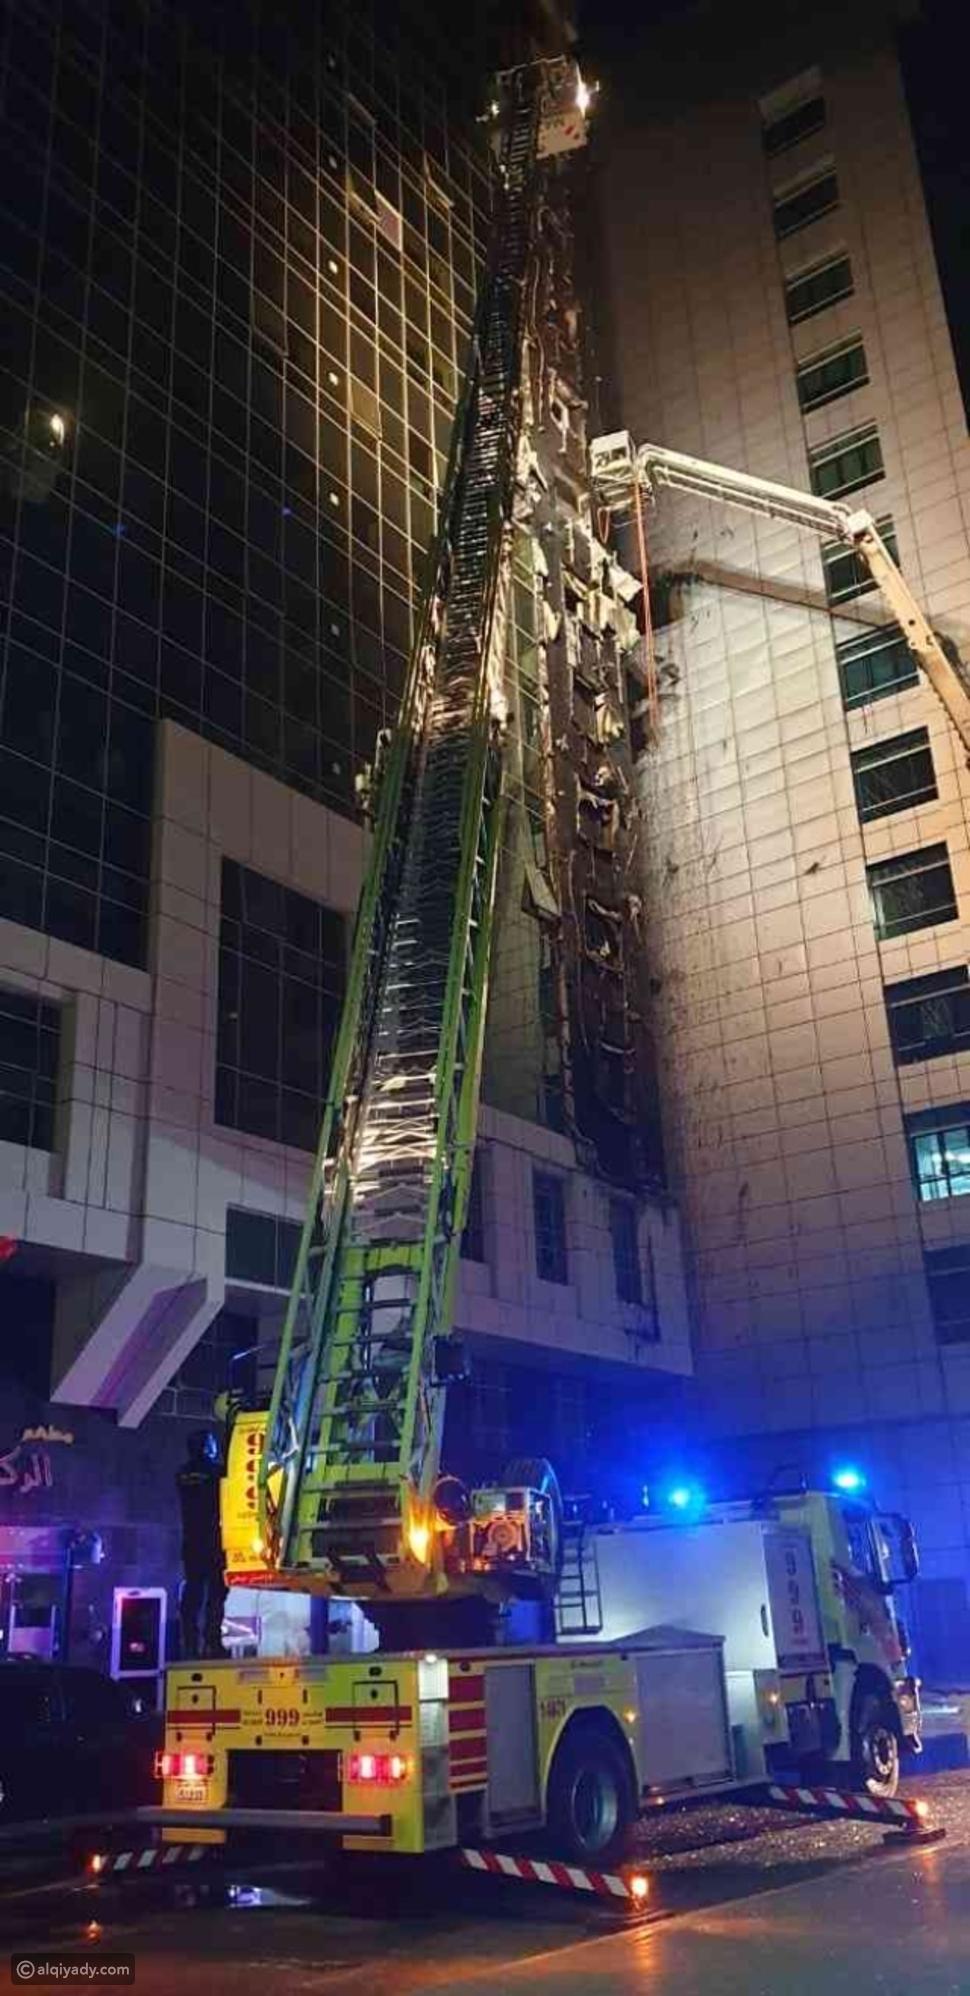 السيطرة على حريق في بناية بالمعمورة الإماراتية